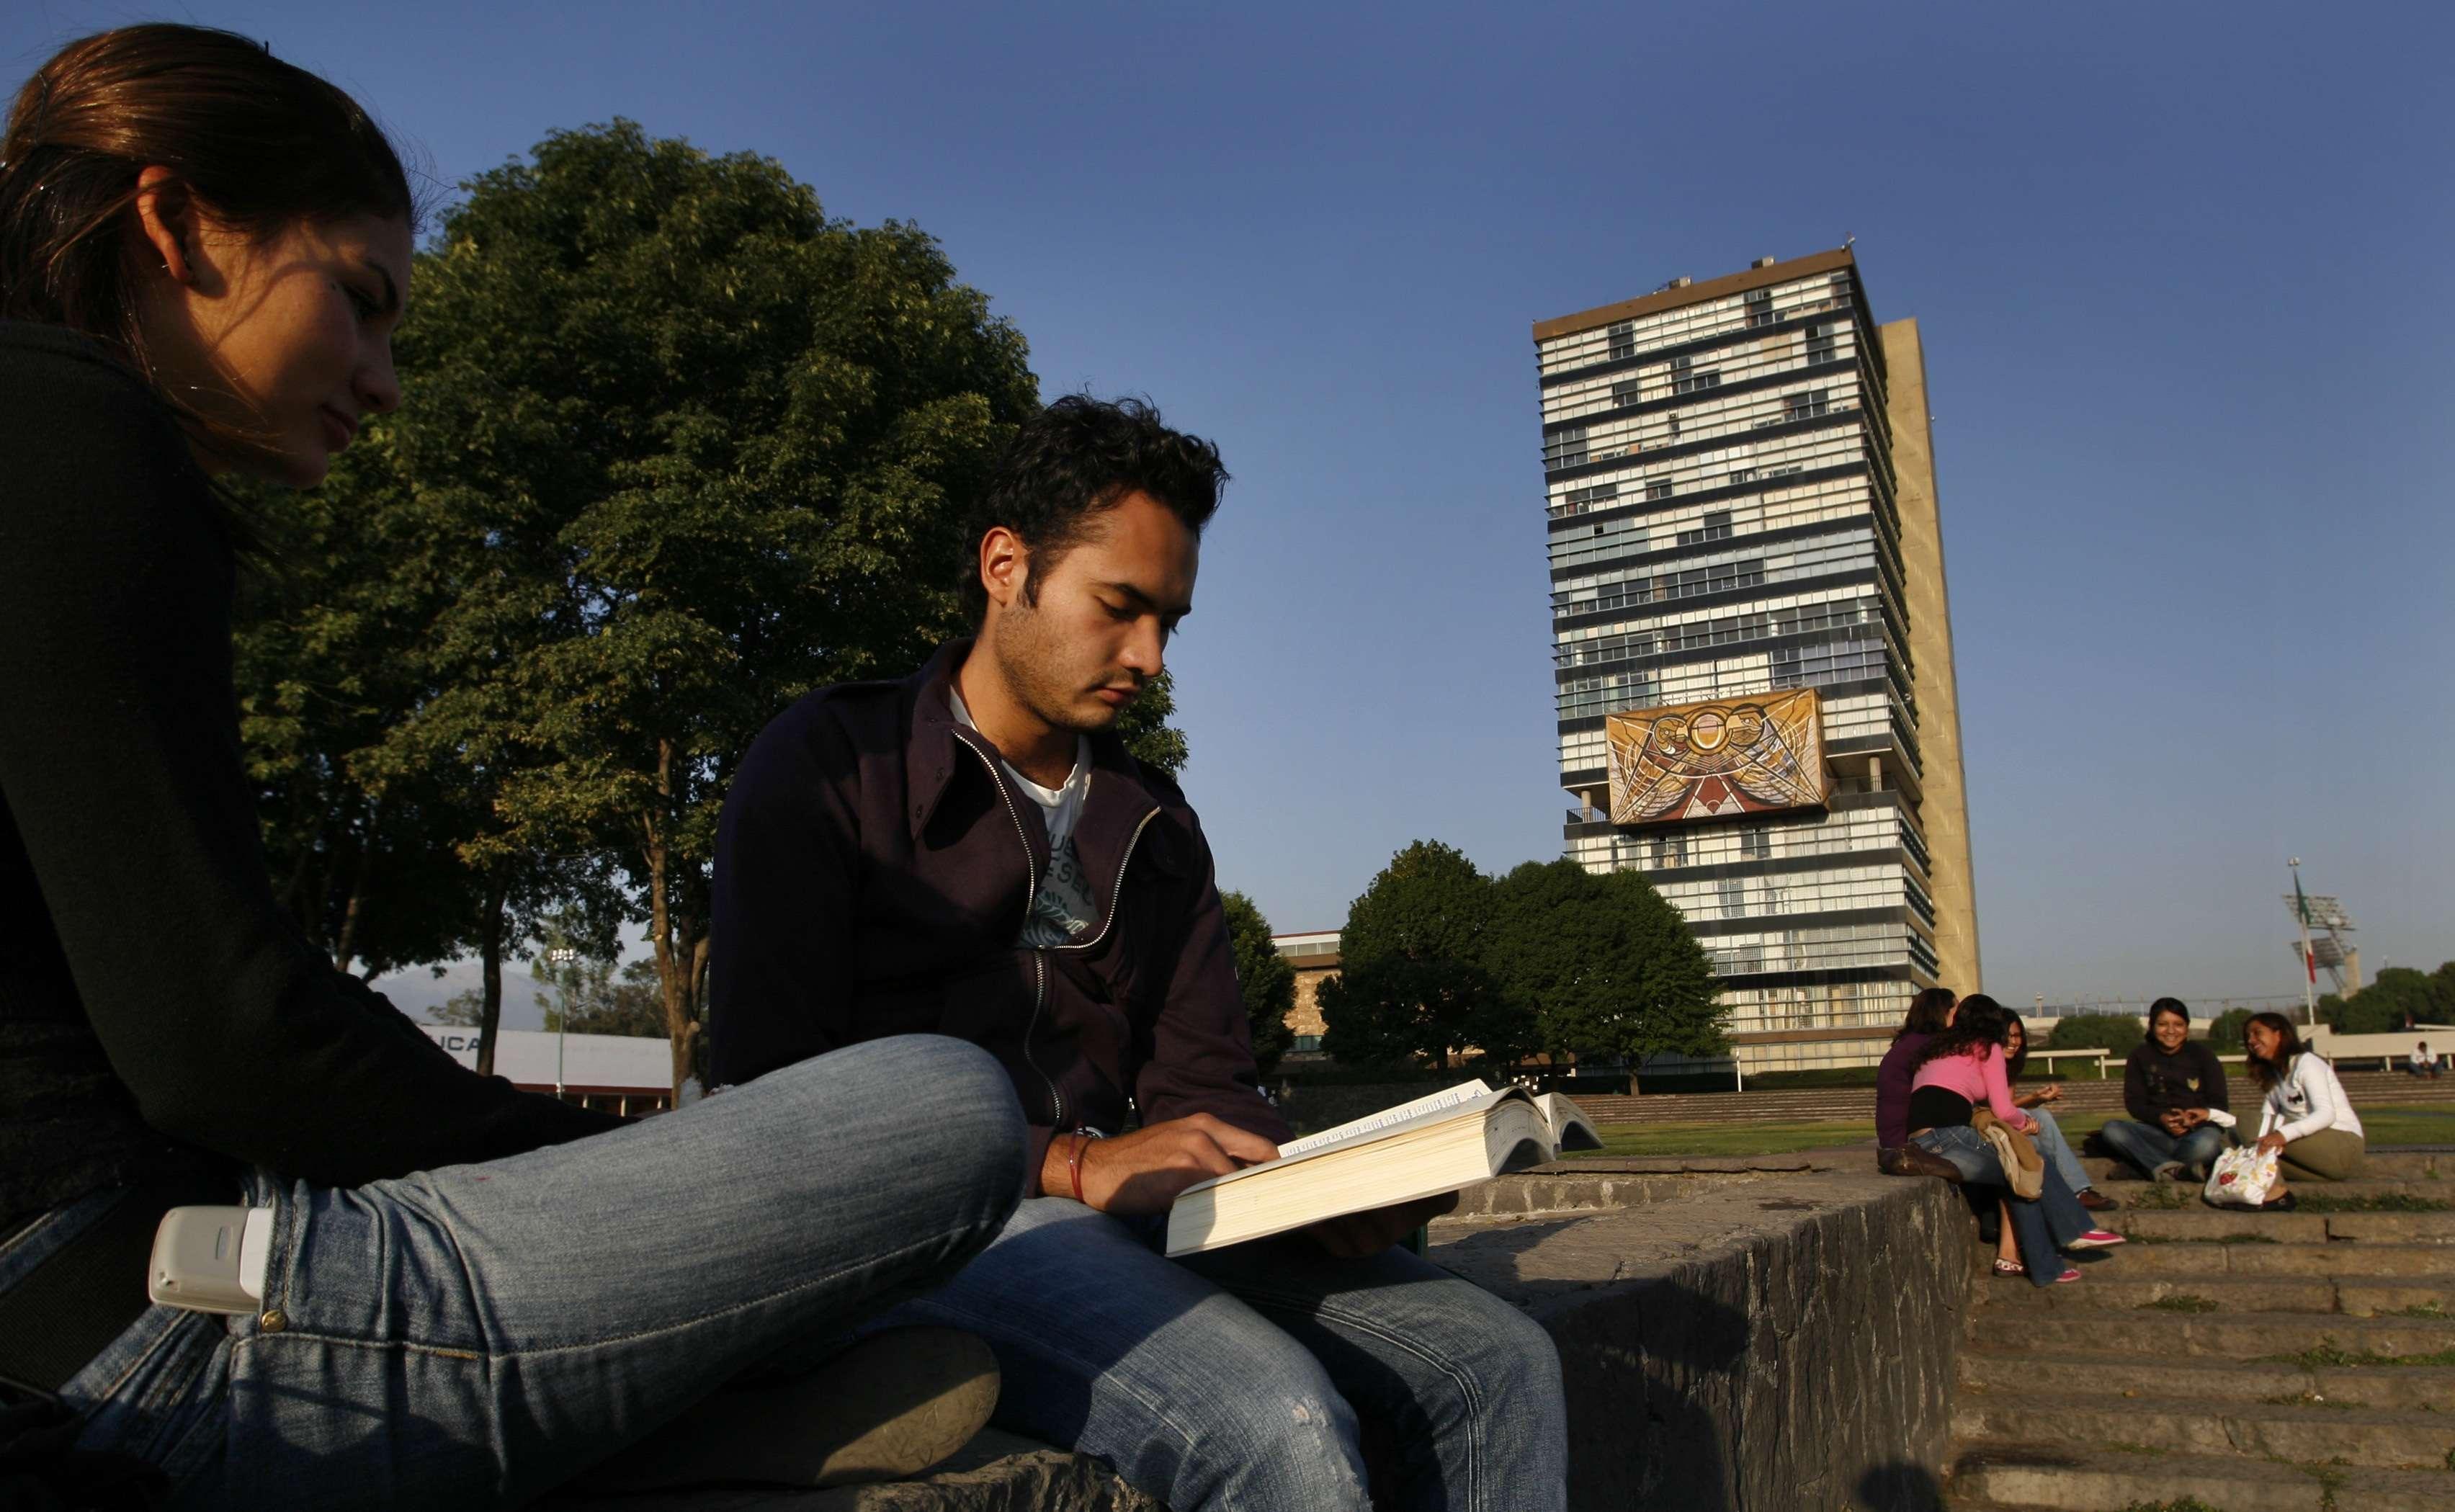 La Universidad Nacional Autónoma de México entró en esta clasificación en 2012. Foto: Archivo/AP en español